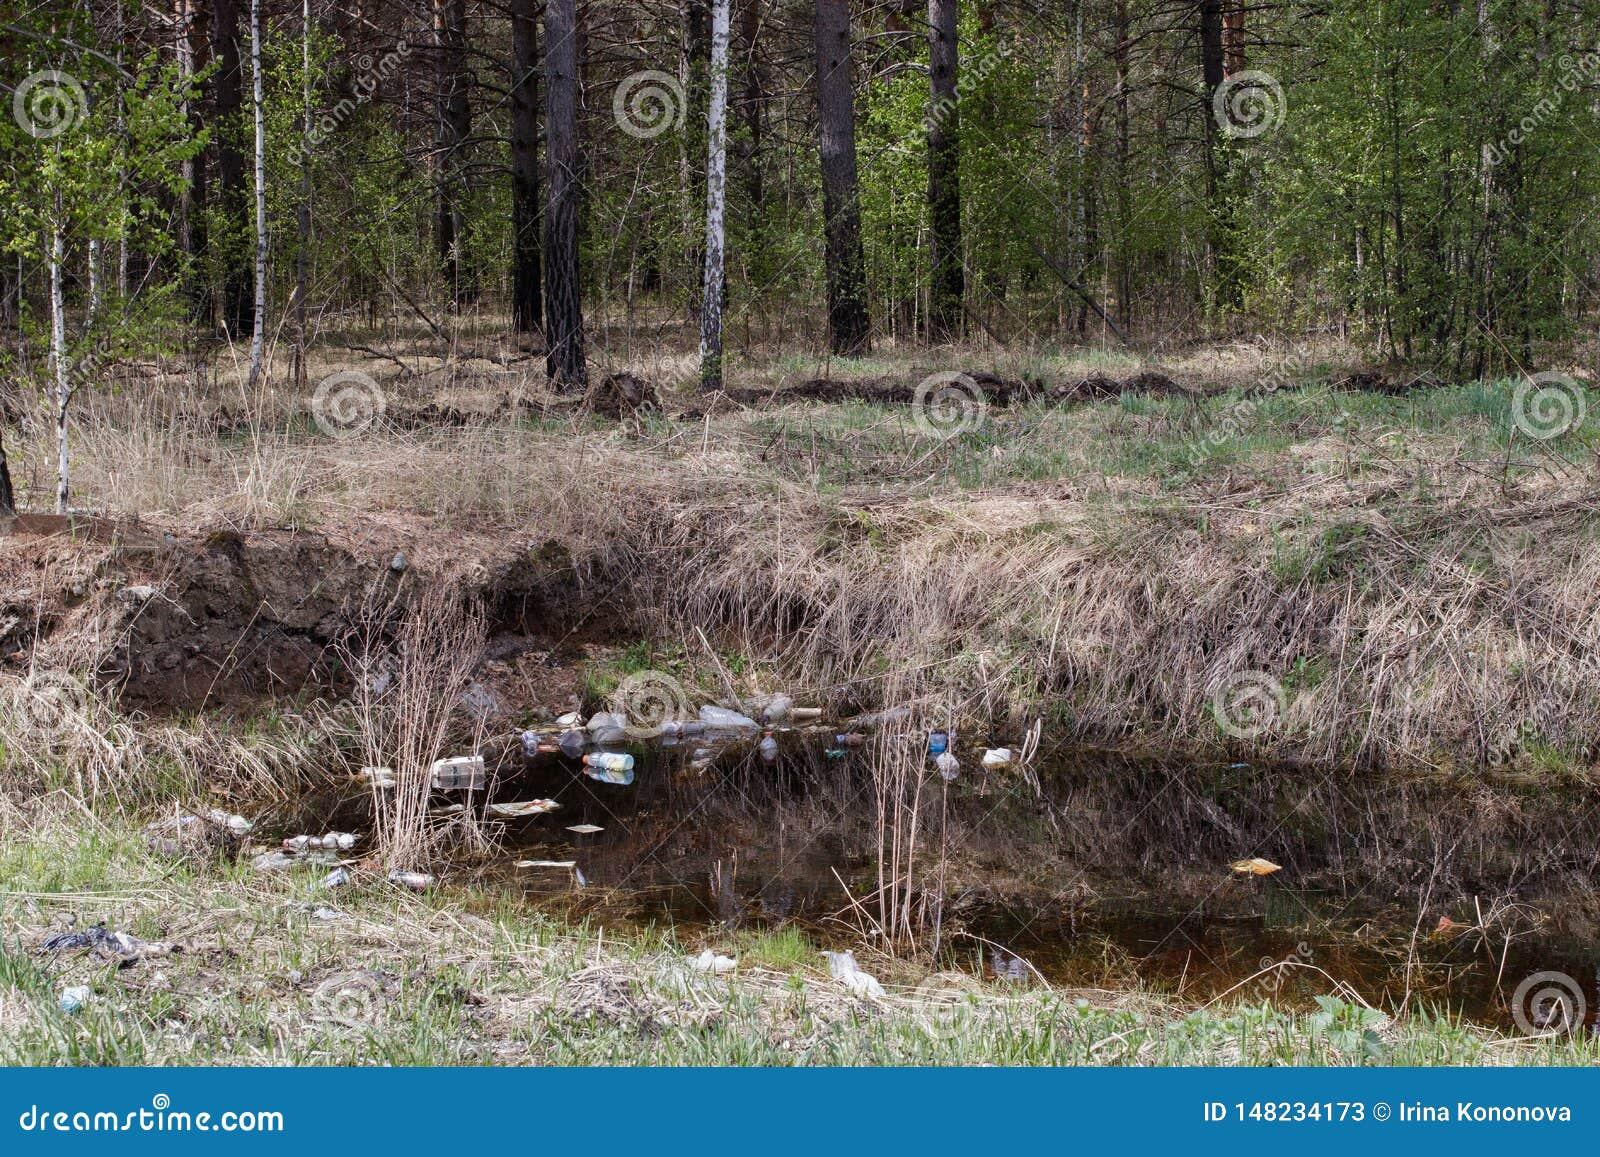 Contaminaci?n de la naturaleza La basura y las botellas pl?sticas flotan en el agua del dep?sito dentro del bosque